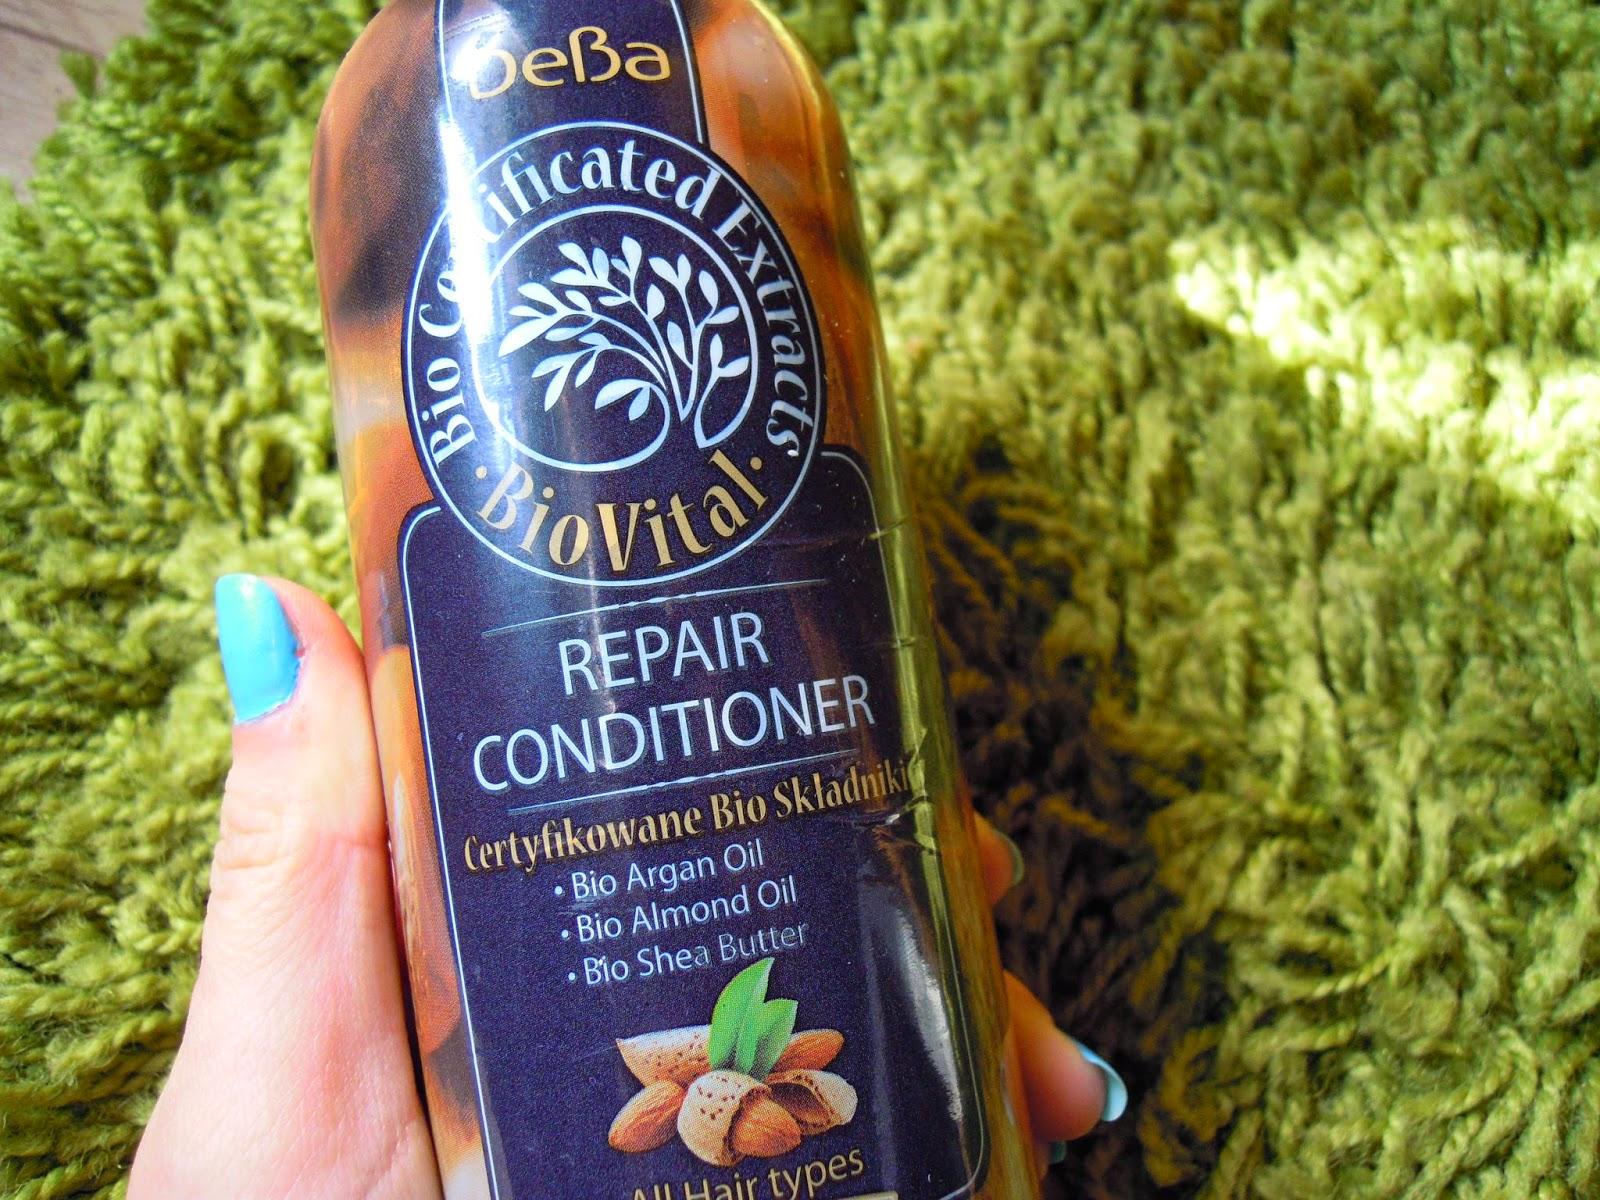 Rubella Beauty AG, DeBa BIO Vital, Repair Conditioner - Czy rzeczywiście warto na nią polować?